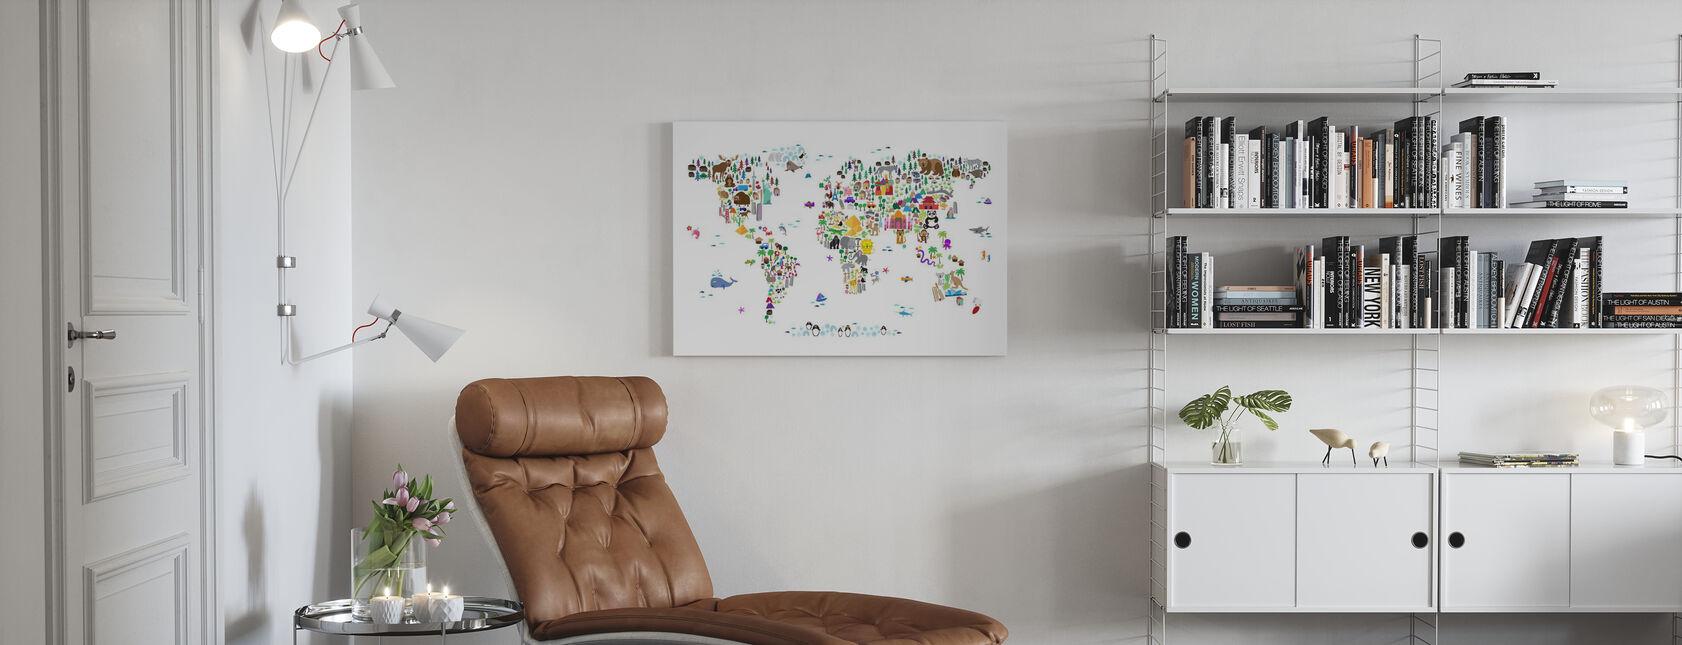 Dyrekart over verden - Lerretsbilde - Stue